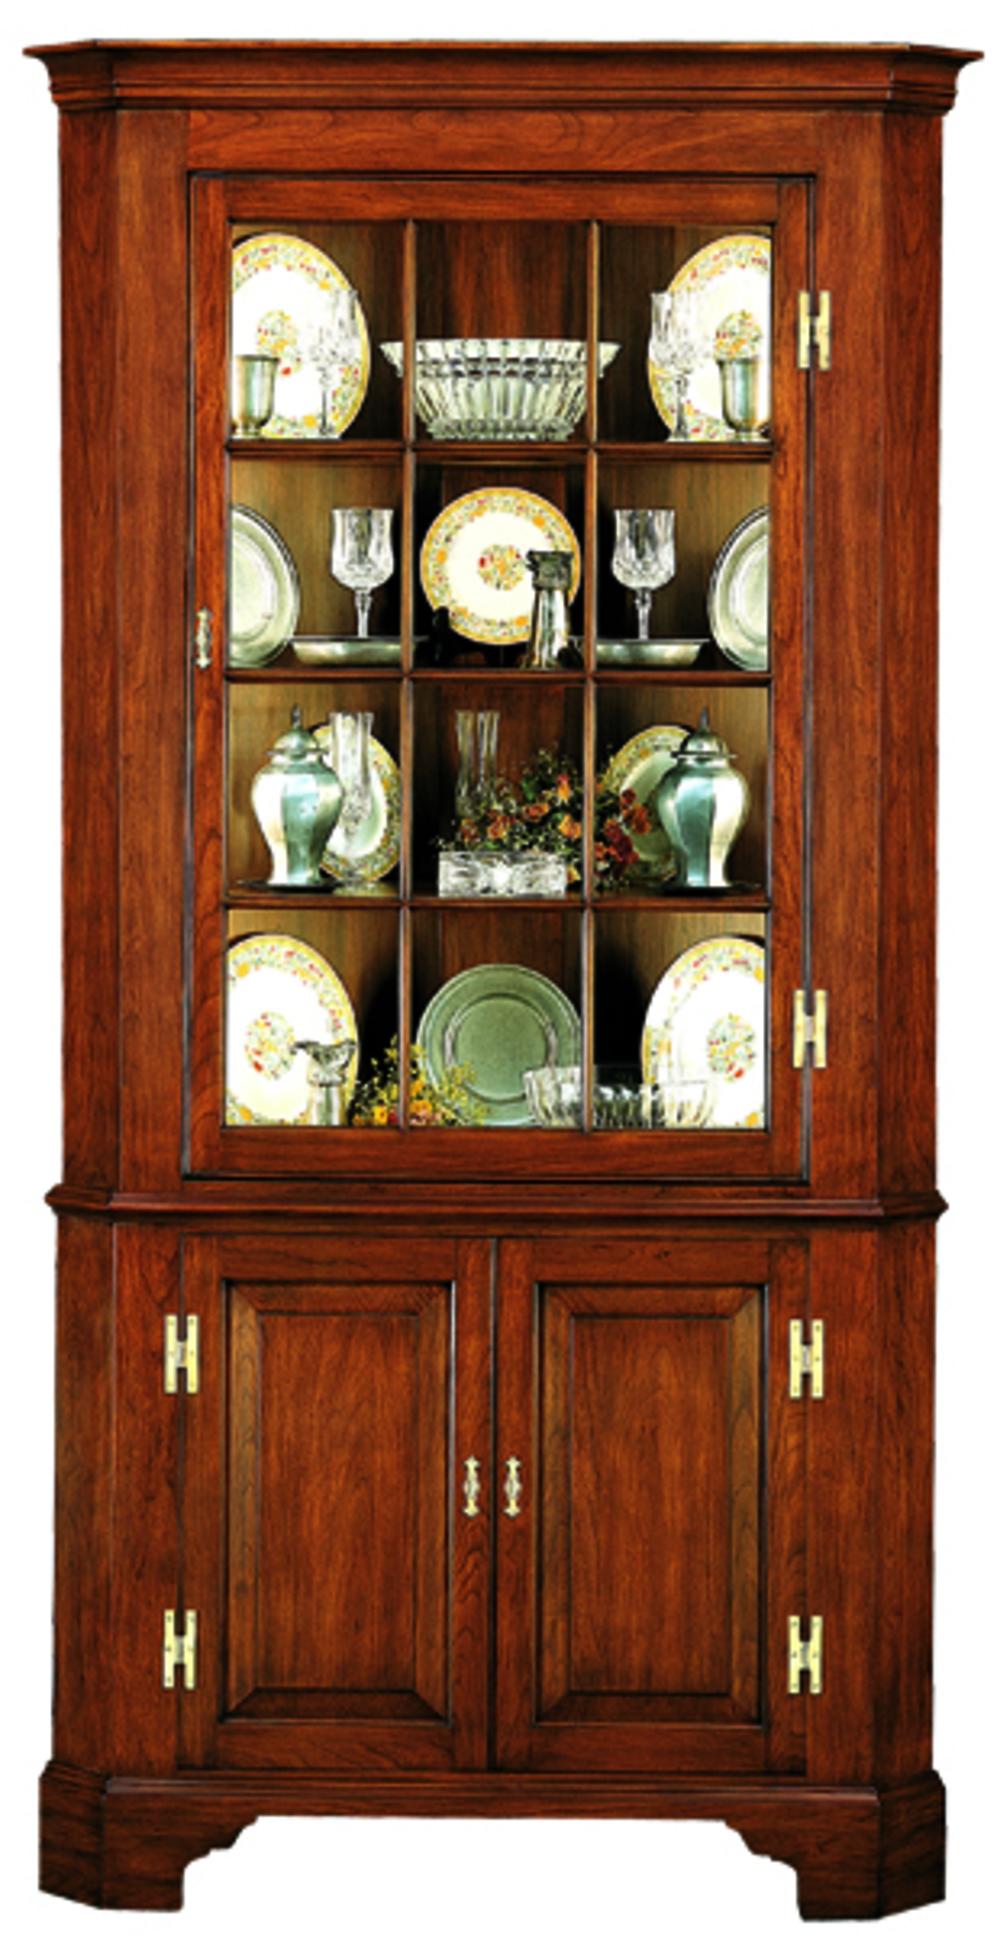 Henkel-Harris - Fairfax Corner Cabinet